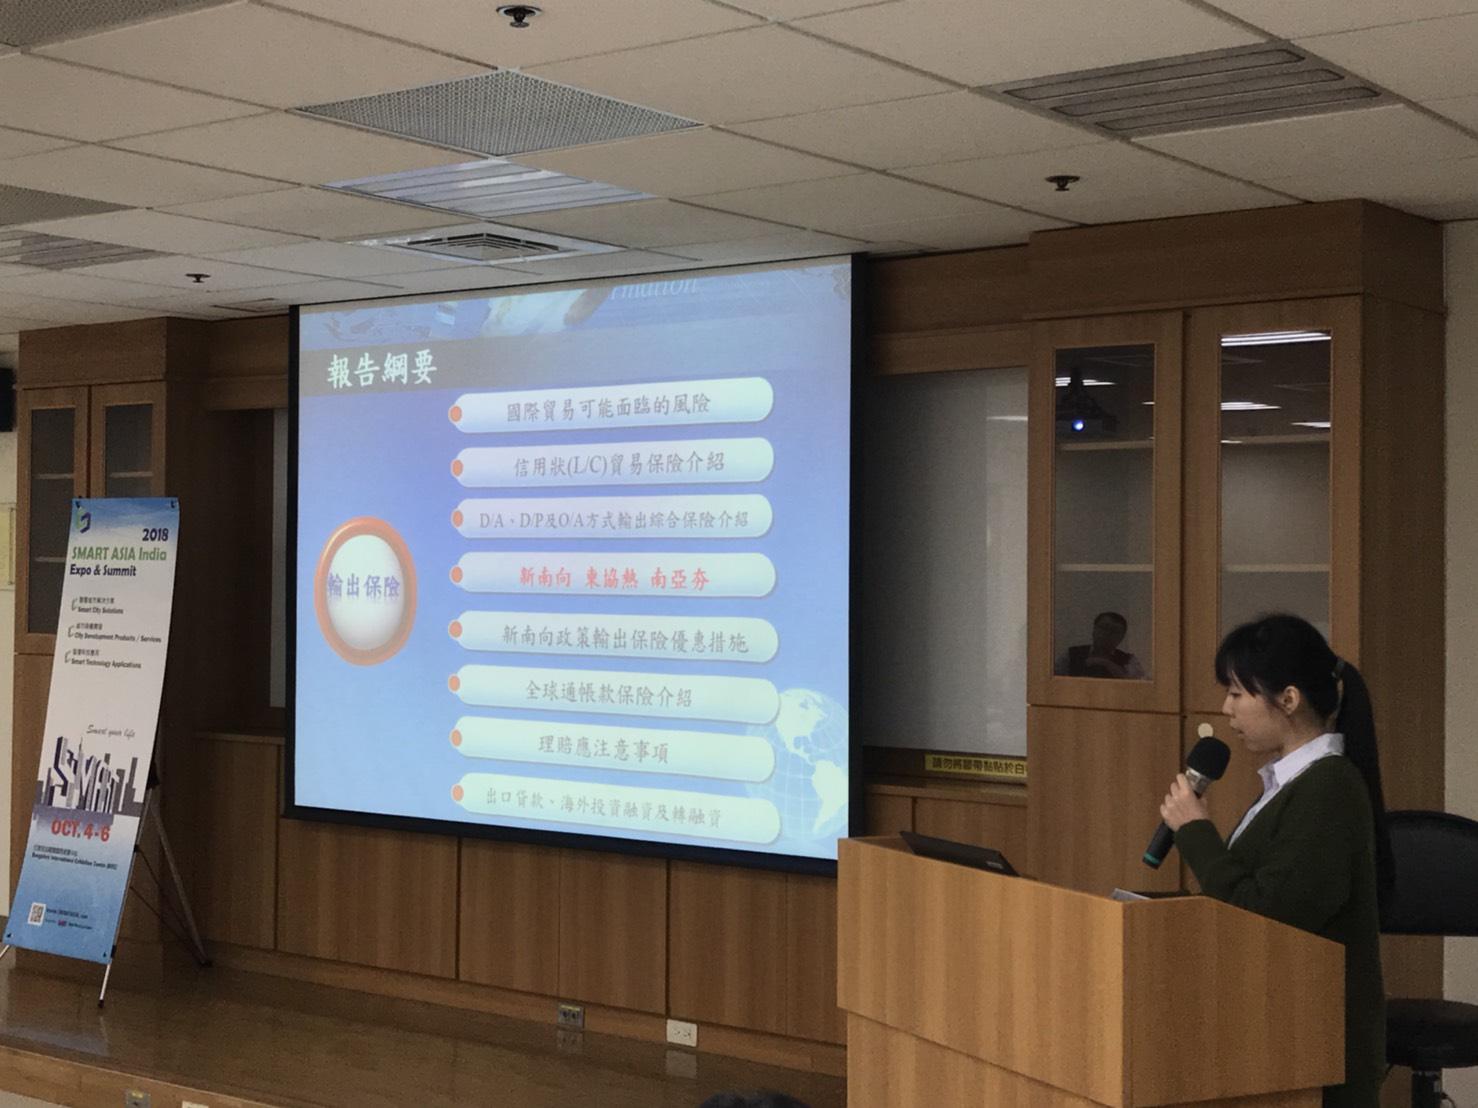 圖片說明-新竹分行配合政府推動「新南向政策」,近期與貿協合作舉辦兩場研討會